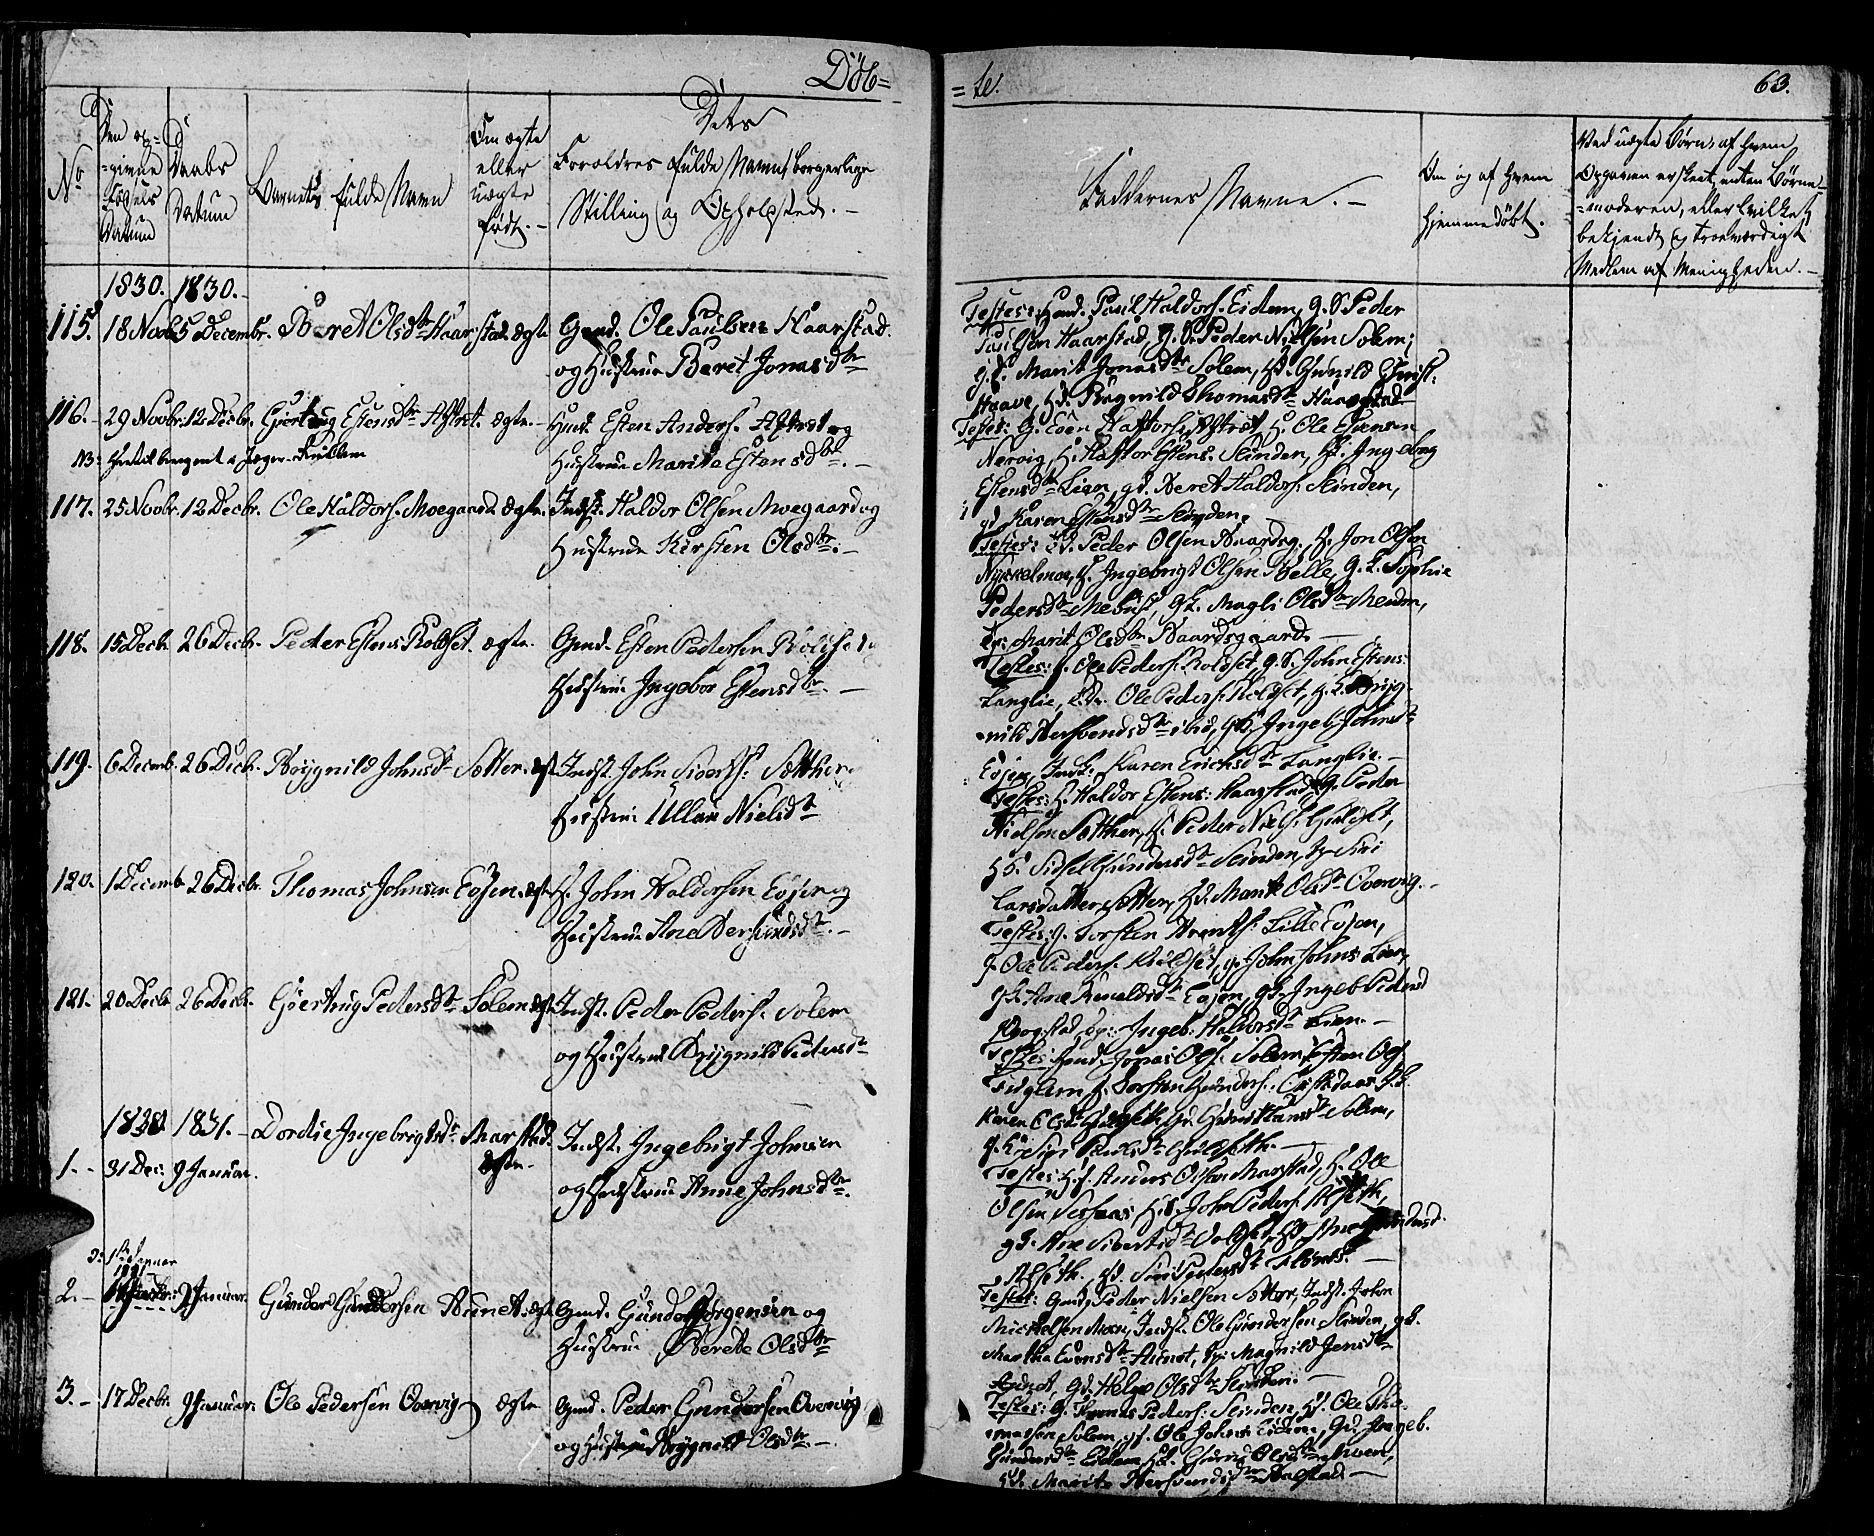 SAT, Ministerialprotokoller, klokkerbøker og fødselsregistre - Sør-Trøndelag, 695/L1143: Ministerialbok nr. 695A05 /1, 1824-1842, s. 63